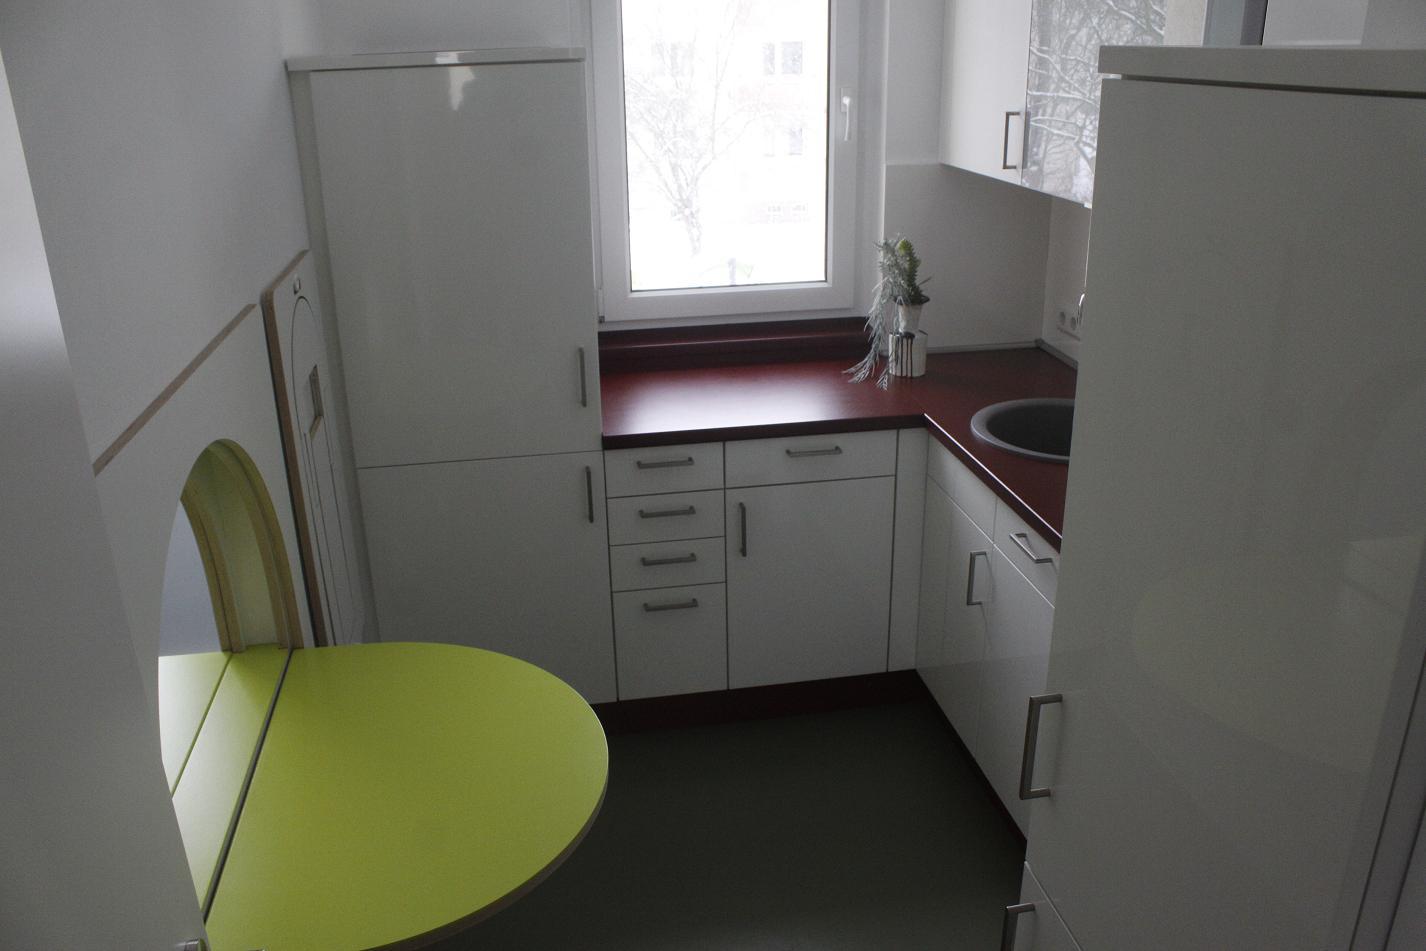 Burg-Student mit kreativen Ideen für Industriebau-Wohnung ...